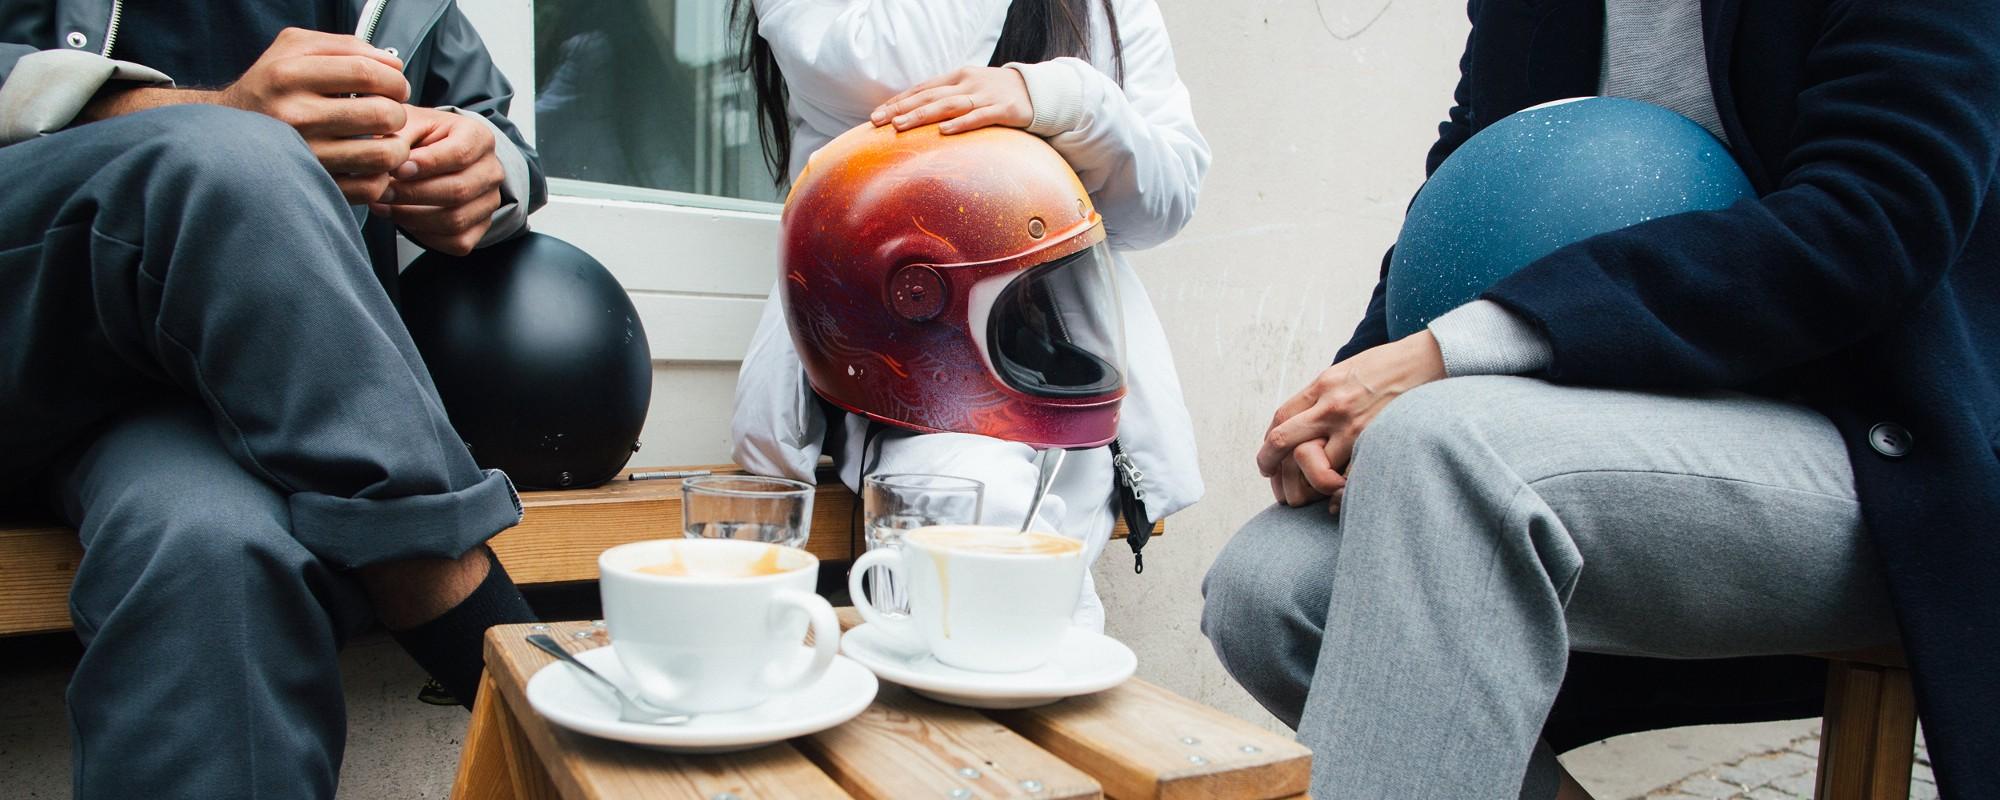 Vrienden die net van de elektrische scooter zijn afgestapt om met hun motorhelmen koffie te gaan drinken.